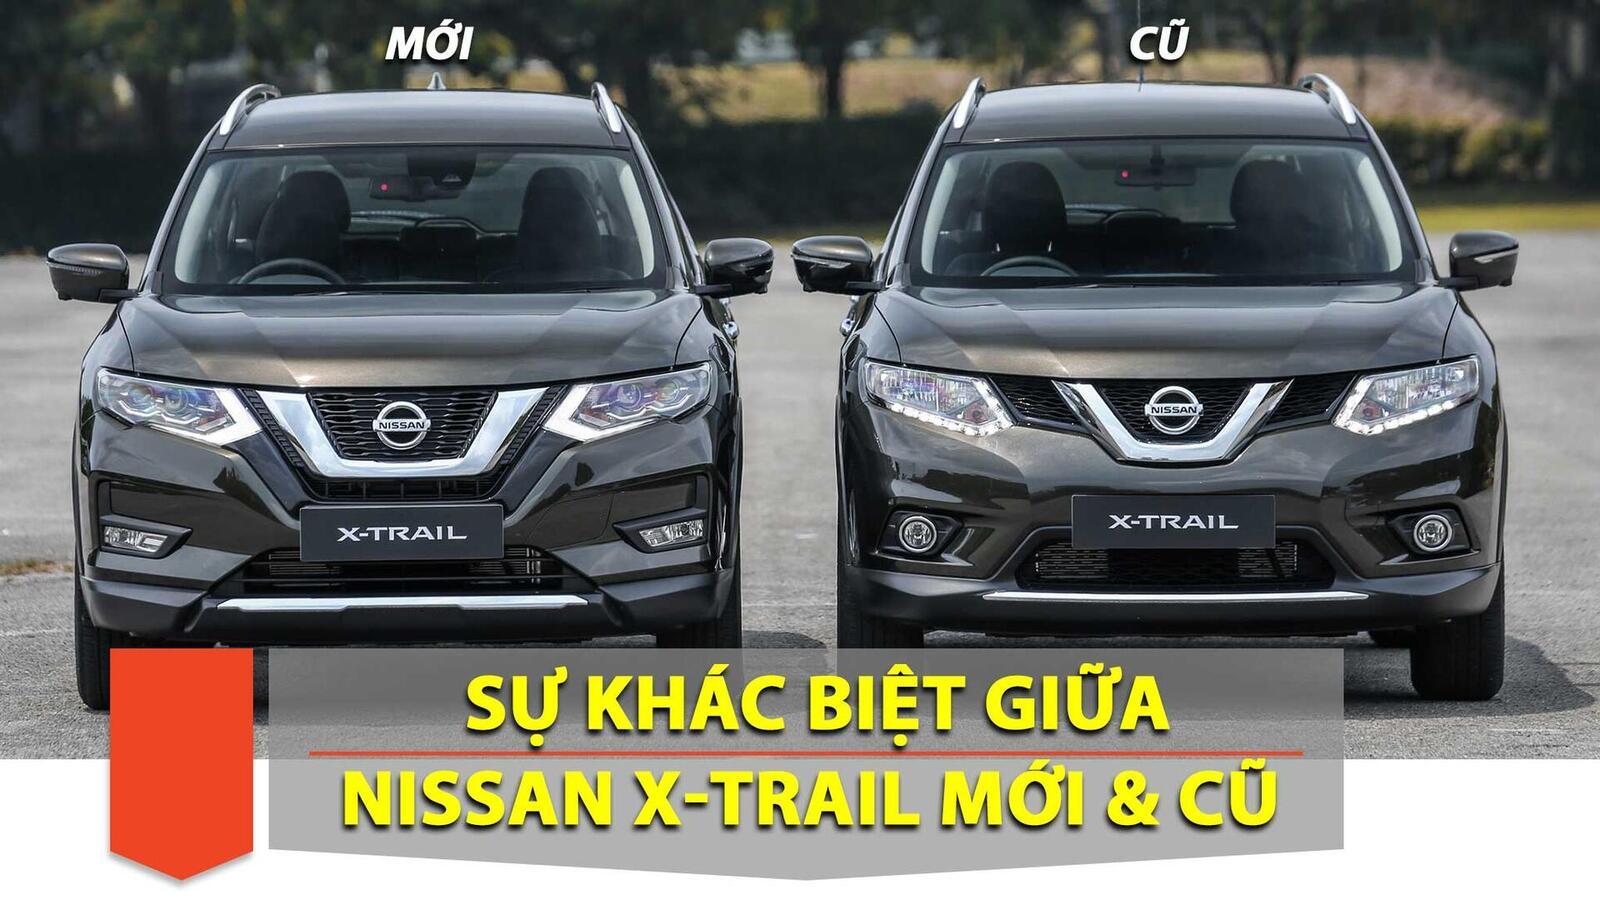 Sự khác biệt giữa Nissan X-Trail phiên bản nâng cấp facelift mới và cũ - Hình 1